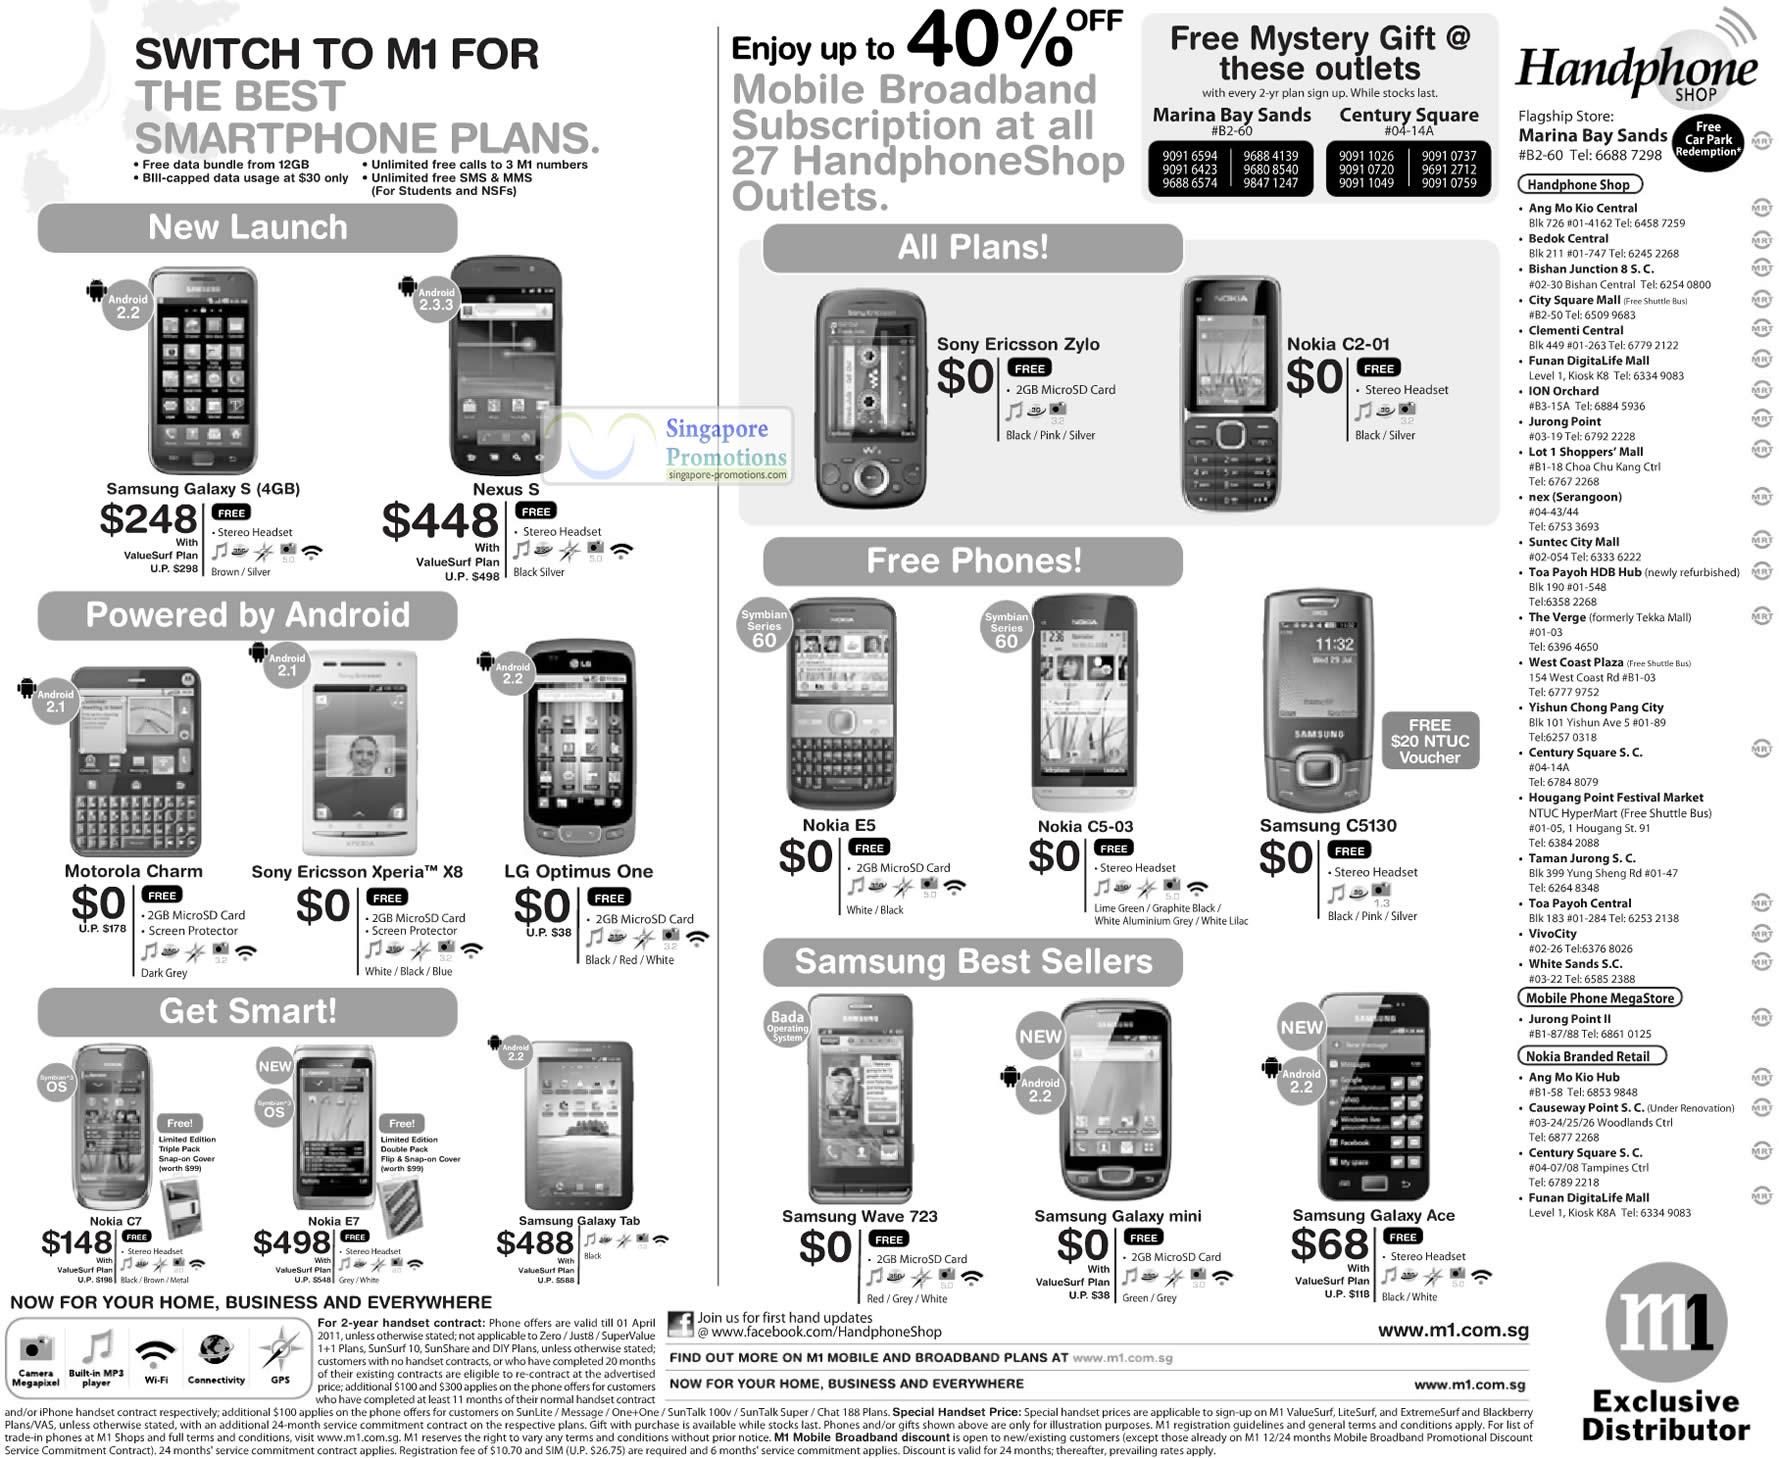 Galaxy S, Nexus S, C5130, Galaxy Tab, Wave 723, Galaxy Mini, Galaxy ...